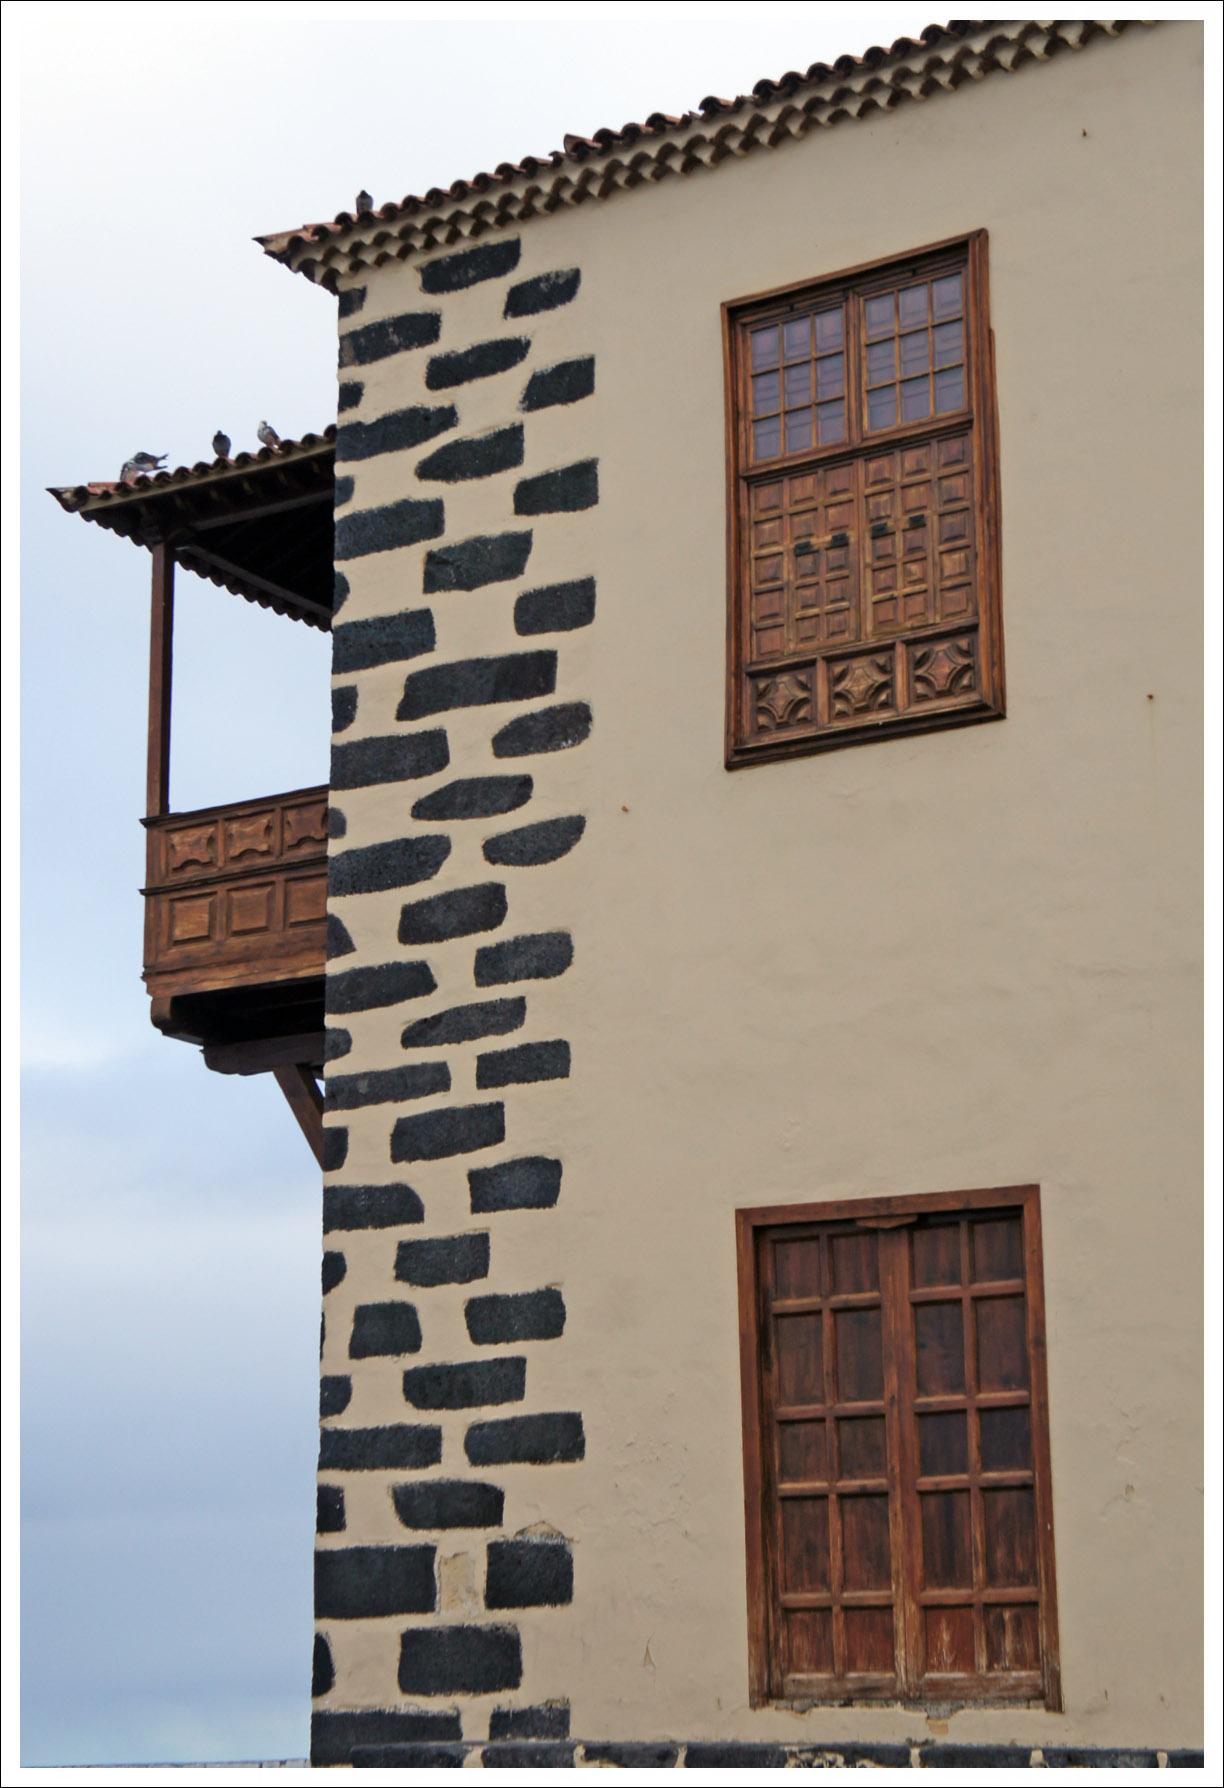 знаменитые балкончики и угловые камни